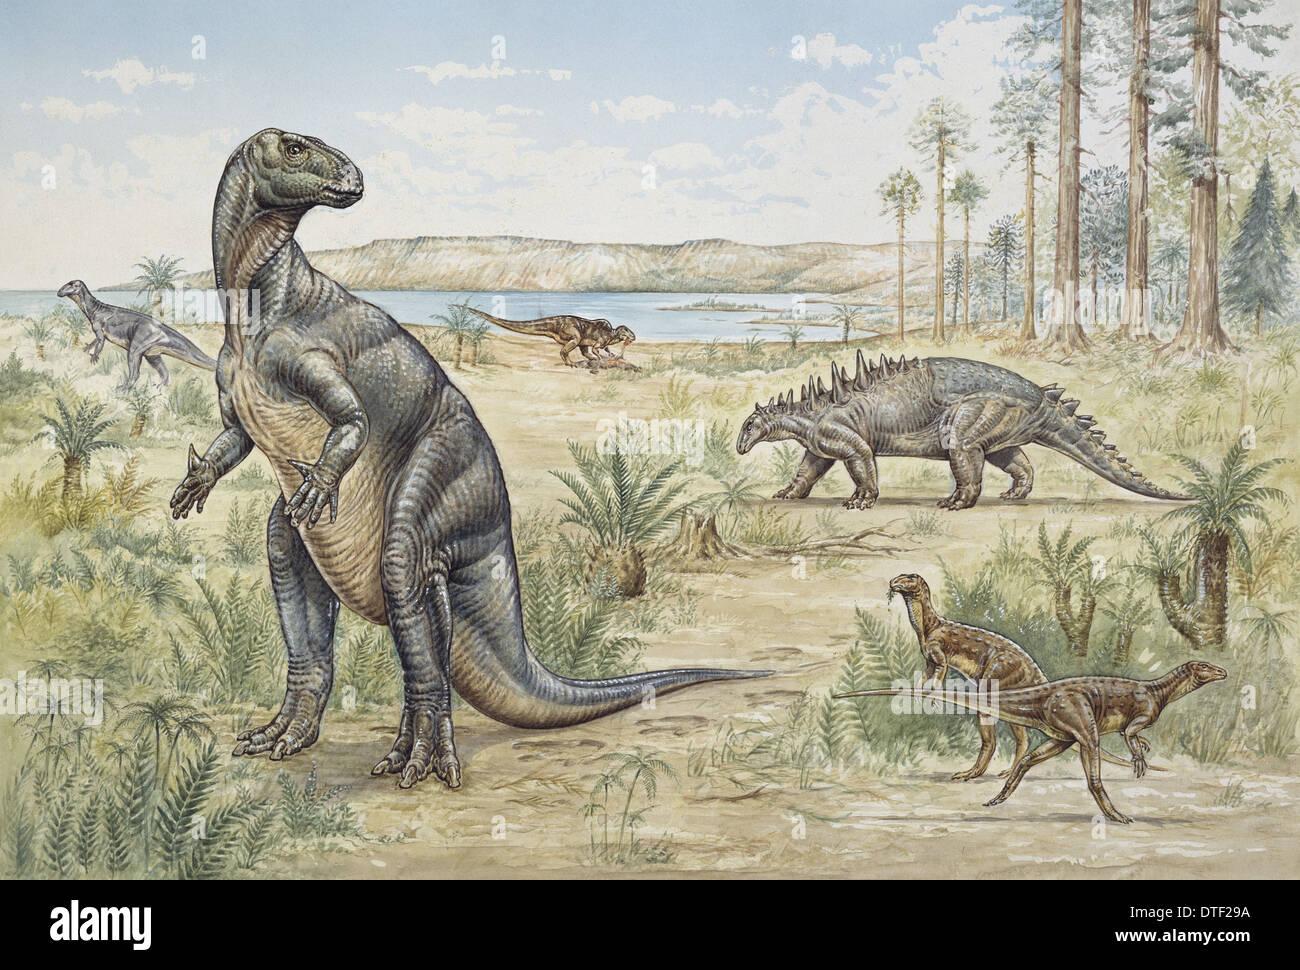 Cretácico Inferior dinosaurios descubiertos en Inglaterra Imagen De Stock